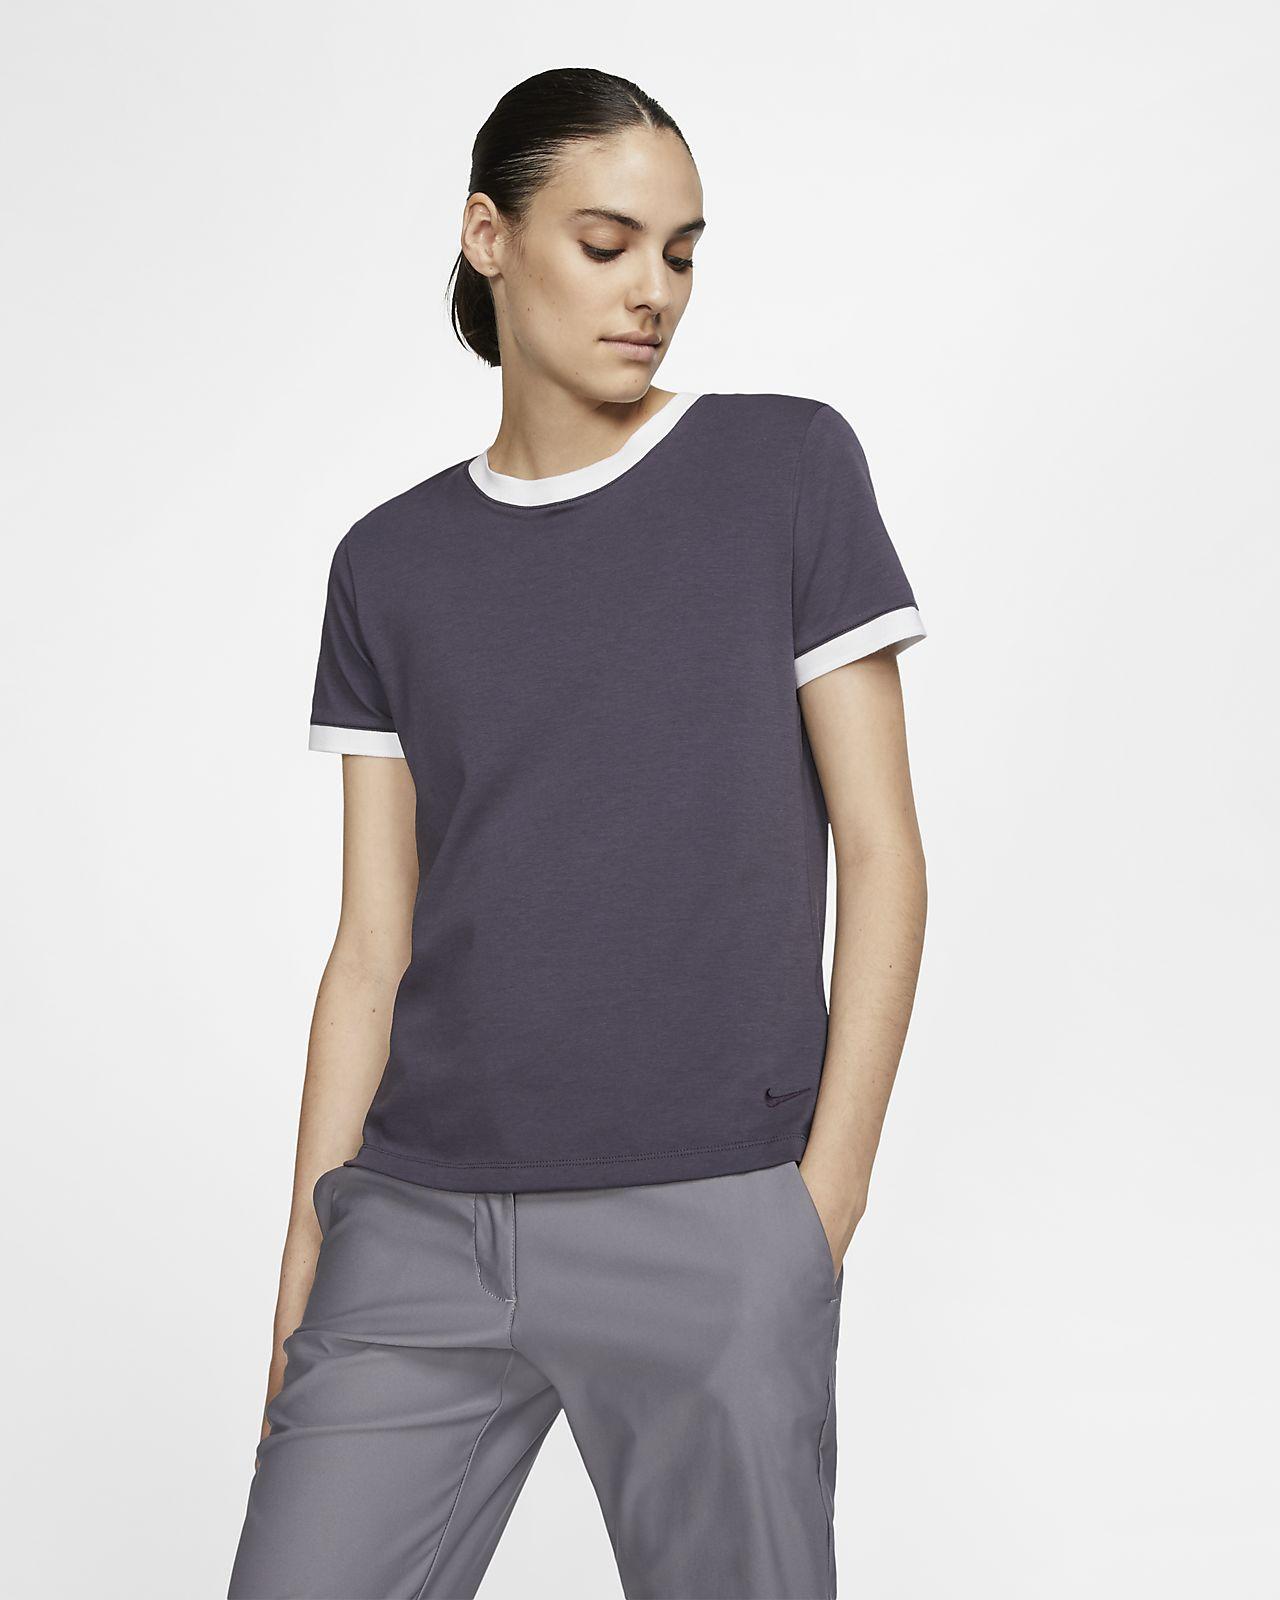 Nike Dri-FIT UV Women's Golf T-Shirt